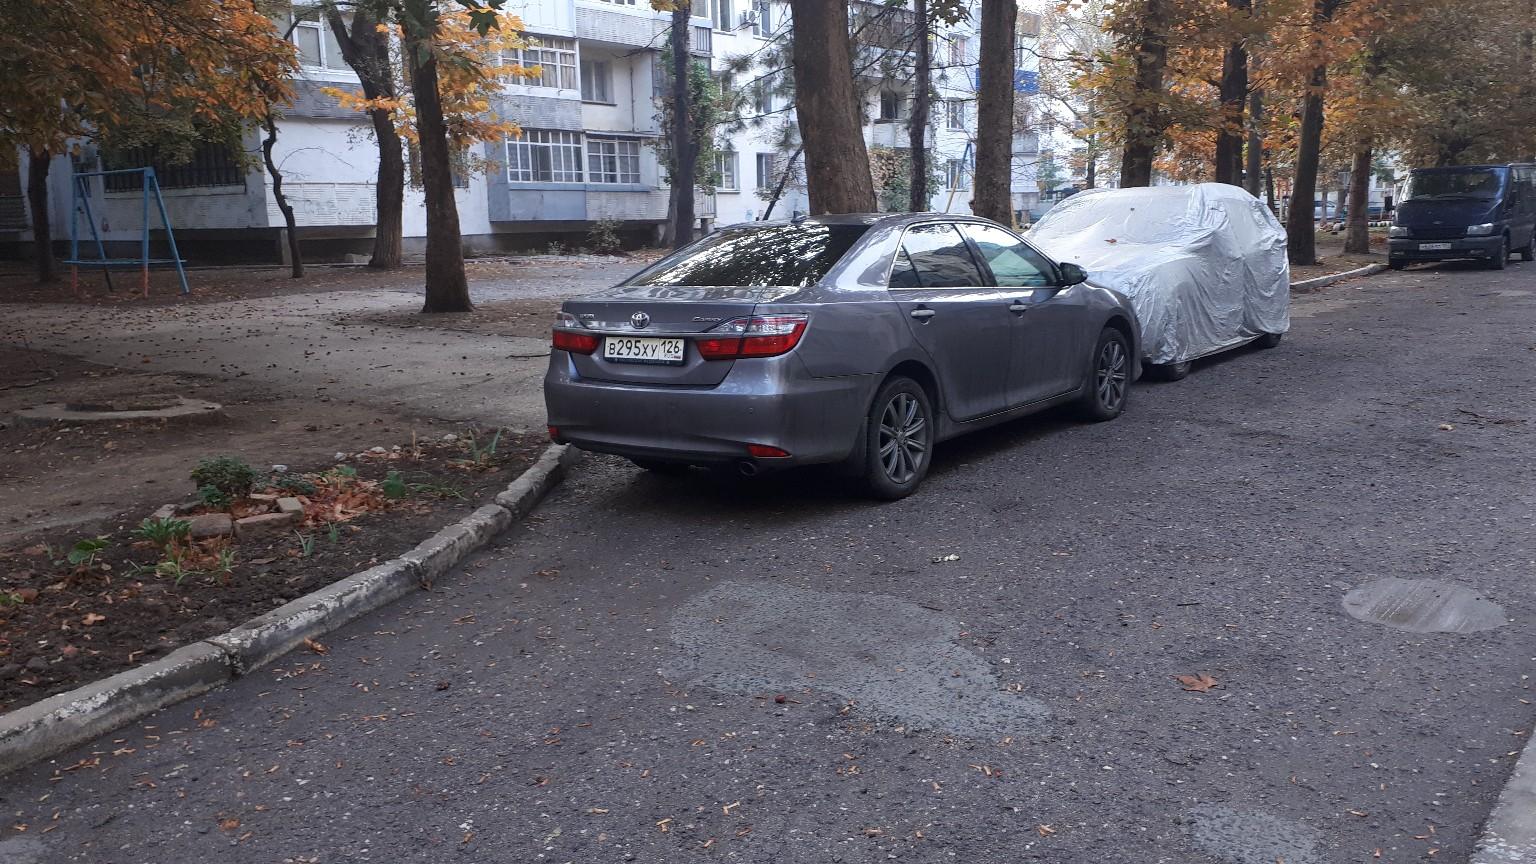 Не пройти не проехать, машины перекрыли незаконно дорогу